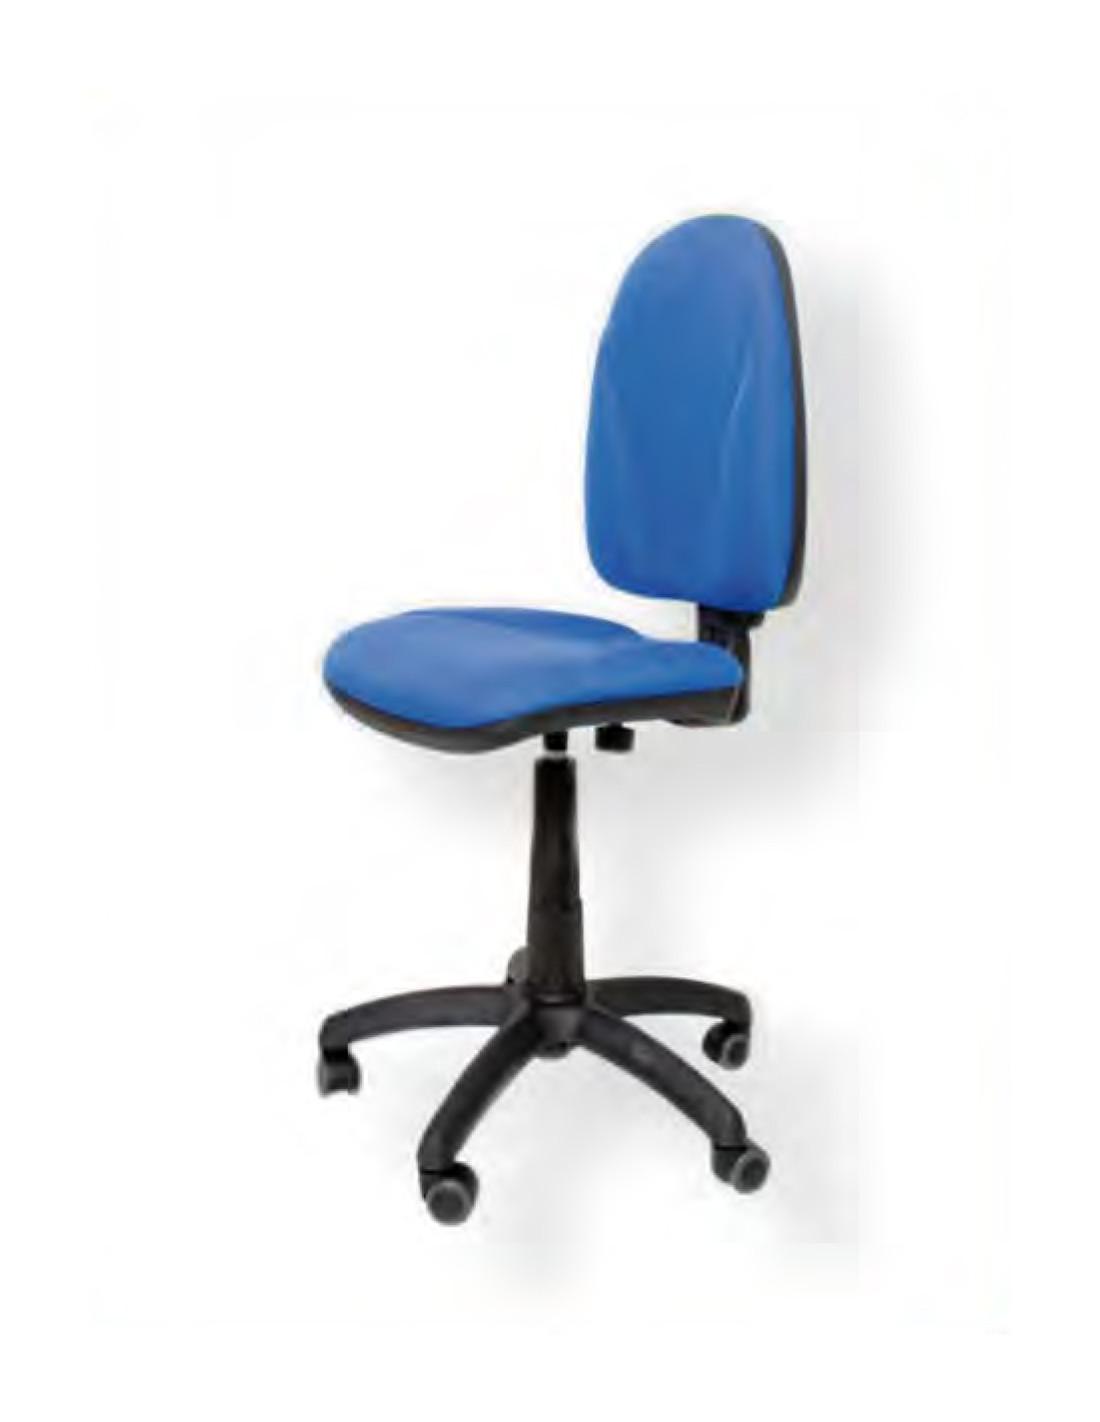 Silla oficina tapizado azul con ruedas tienda asg for Sillas de oficina con ruedas